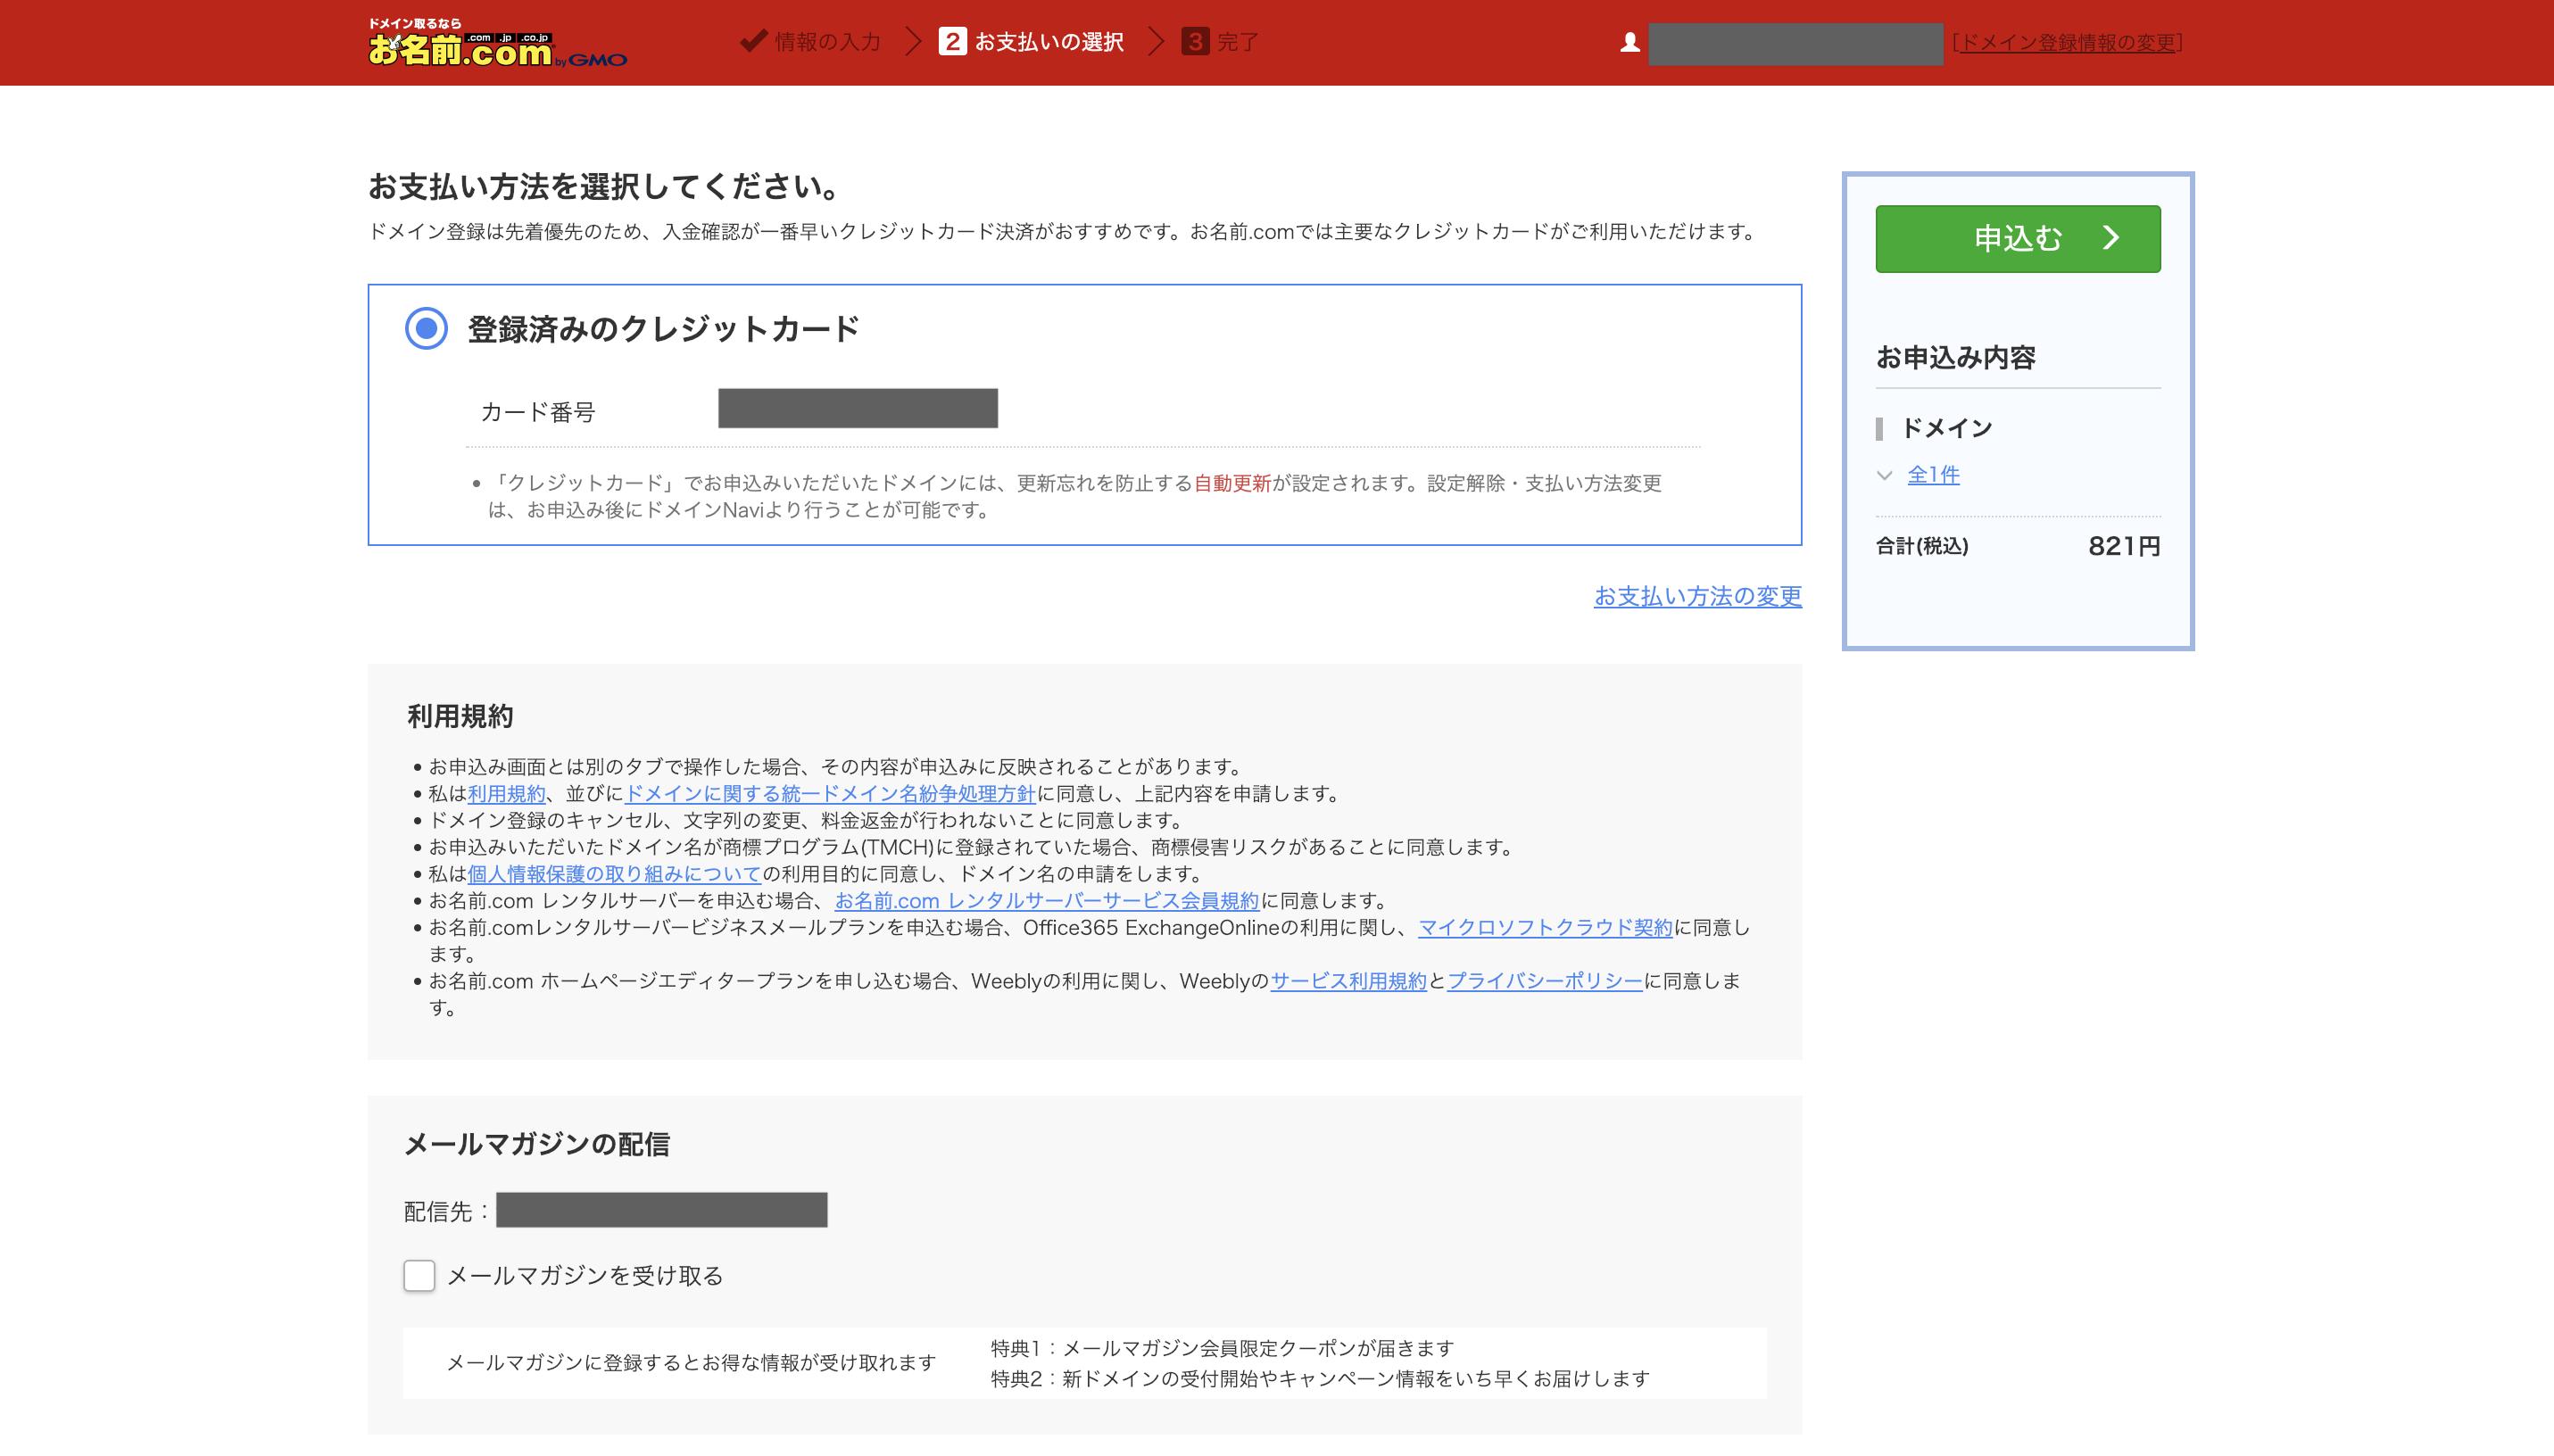 スクリーンショット 2019-02-09 1.38.50.png